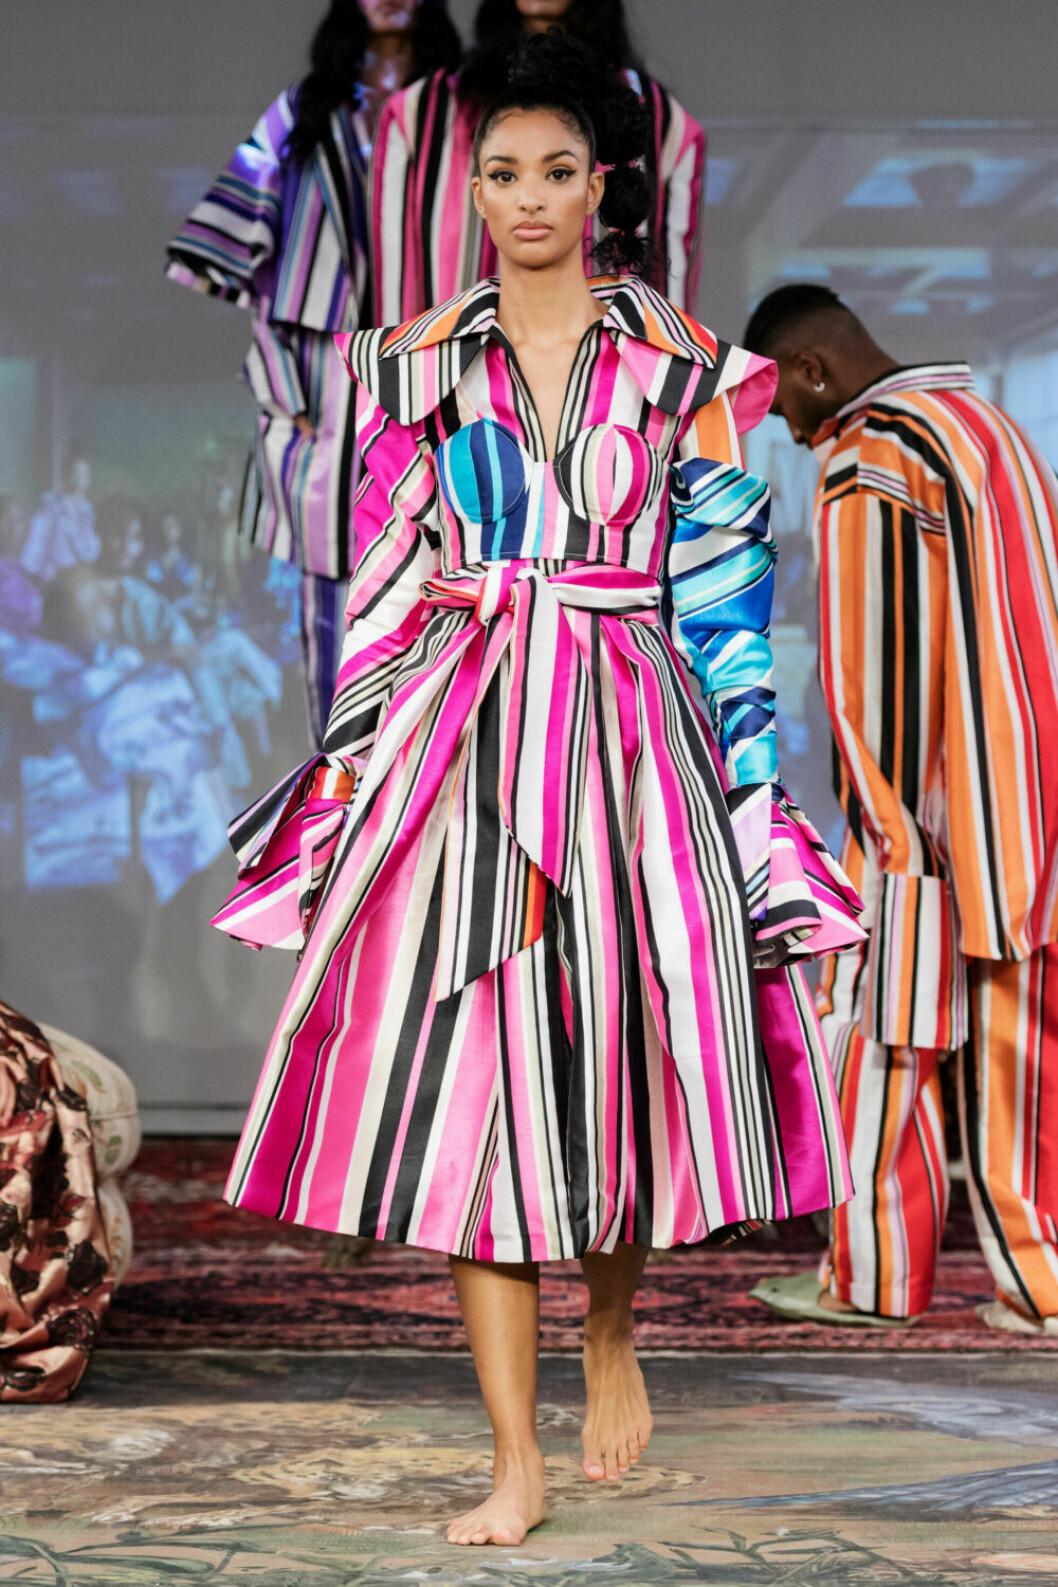 Randig kappa på Selam Fessahayes AW19–visning på Fashion Week Stockholm